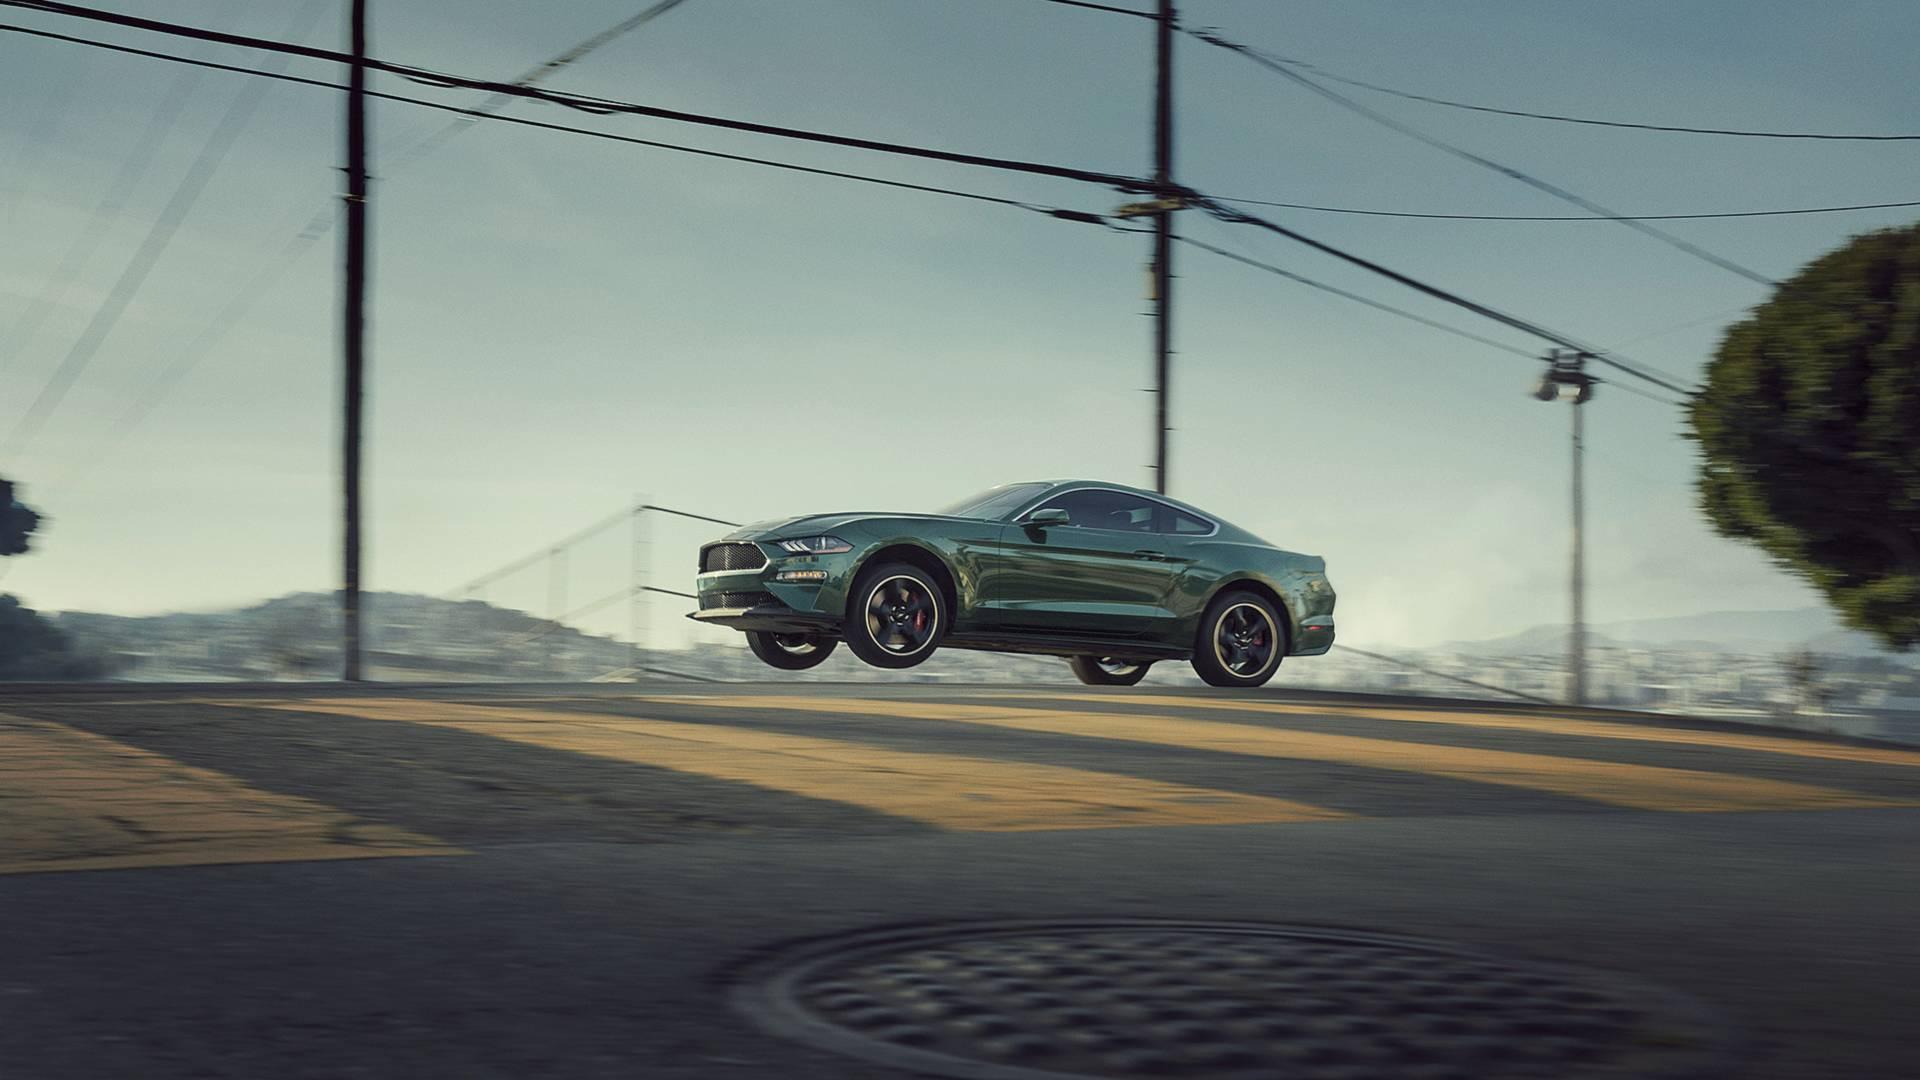 2019-ford-mustang-bullitt-13.jpg